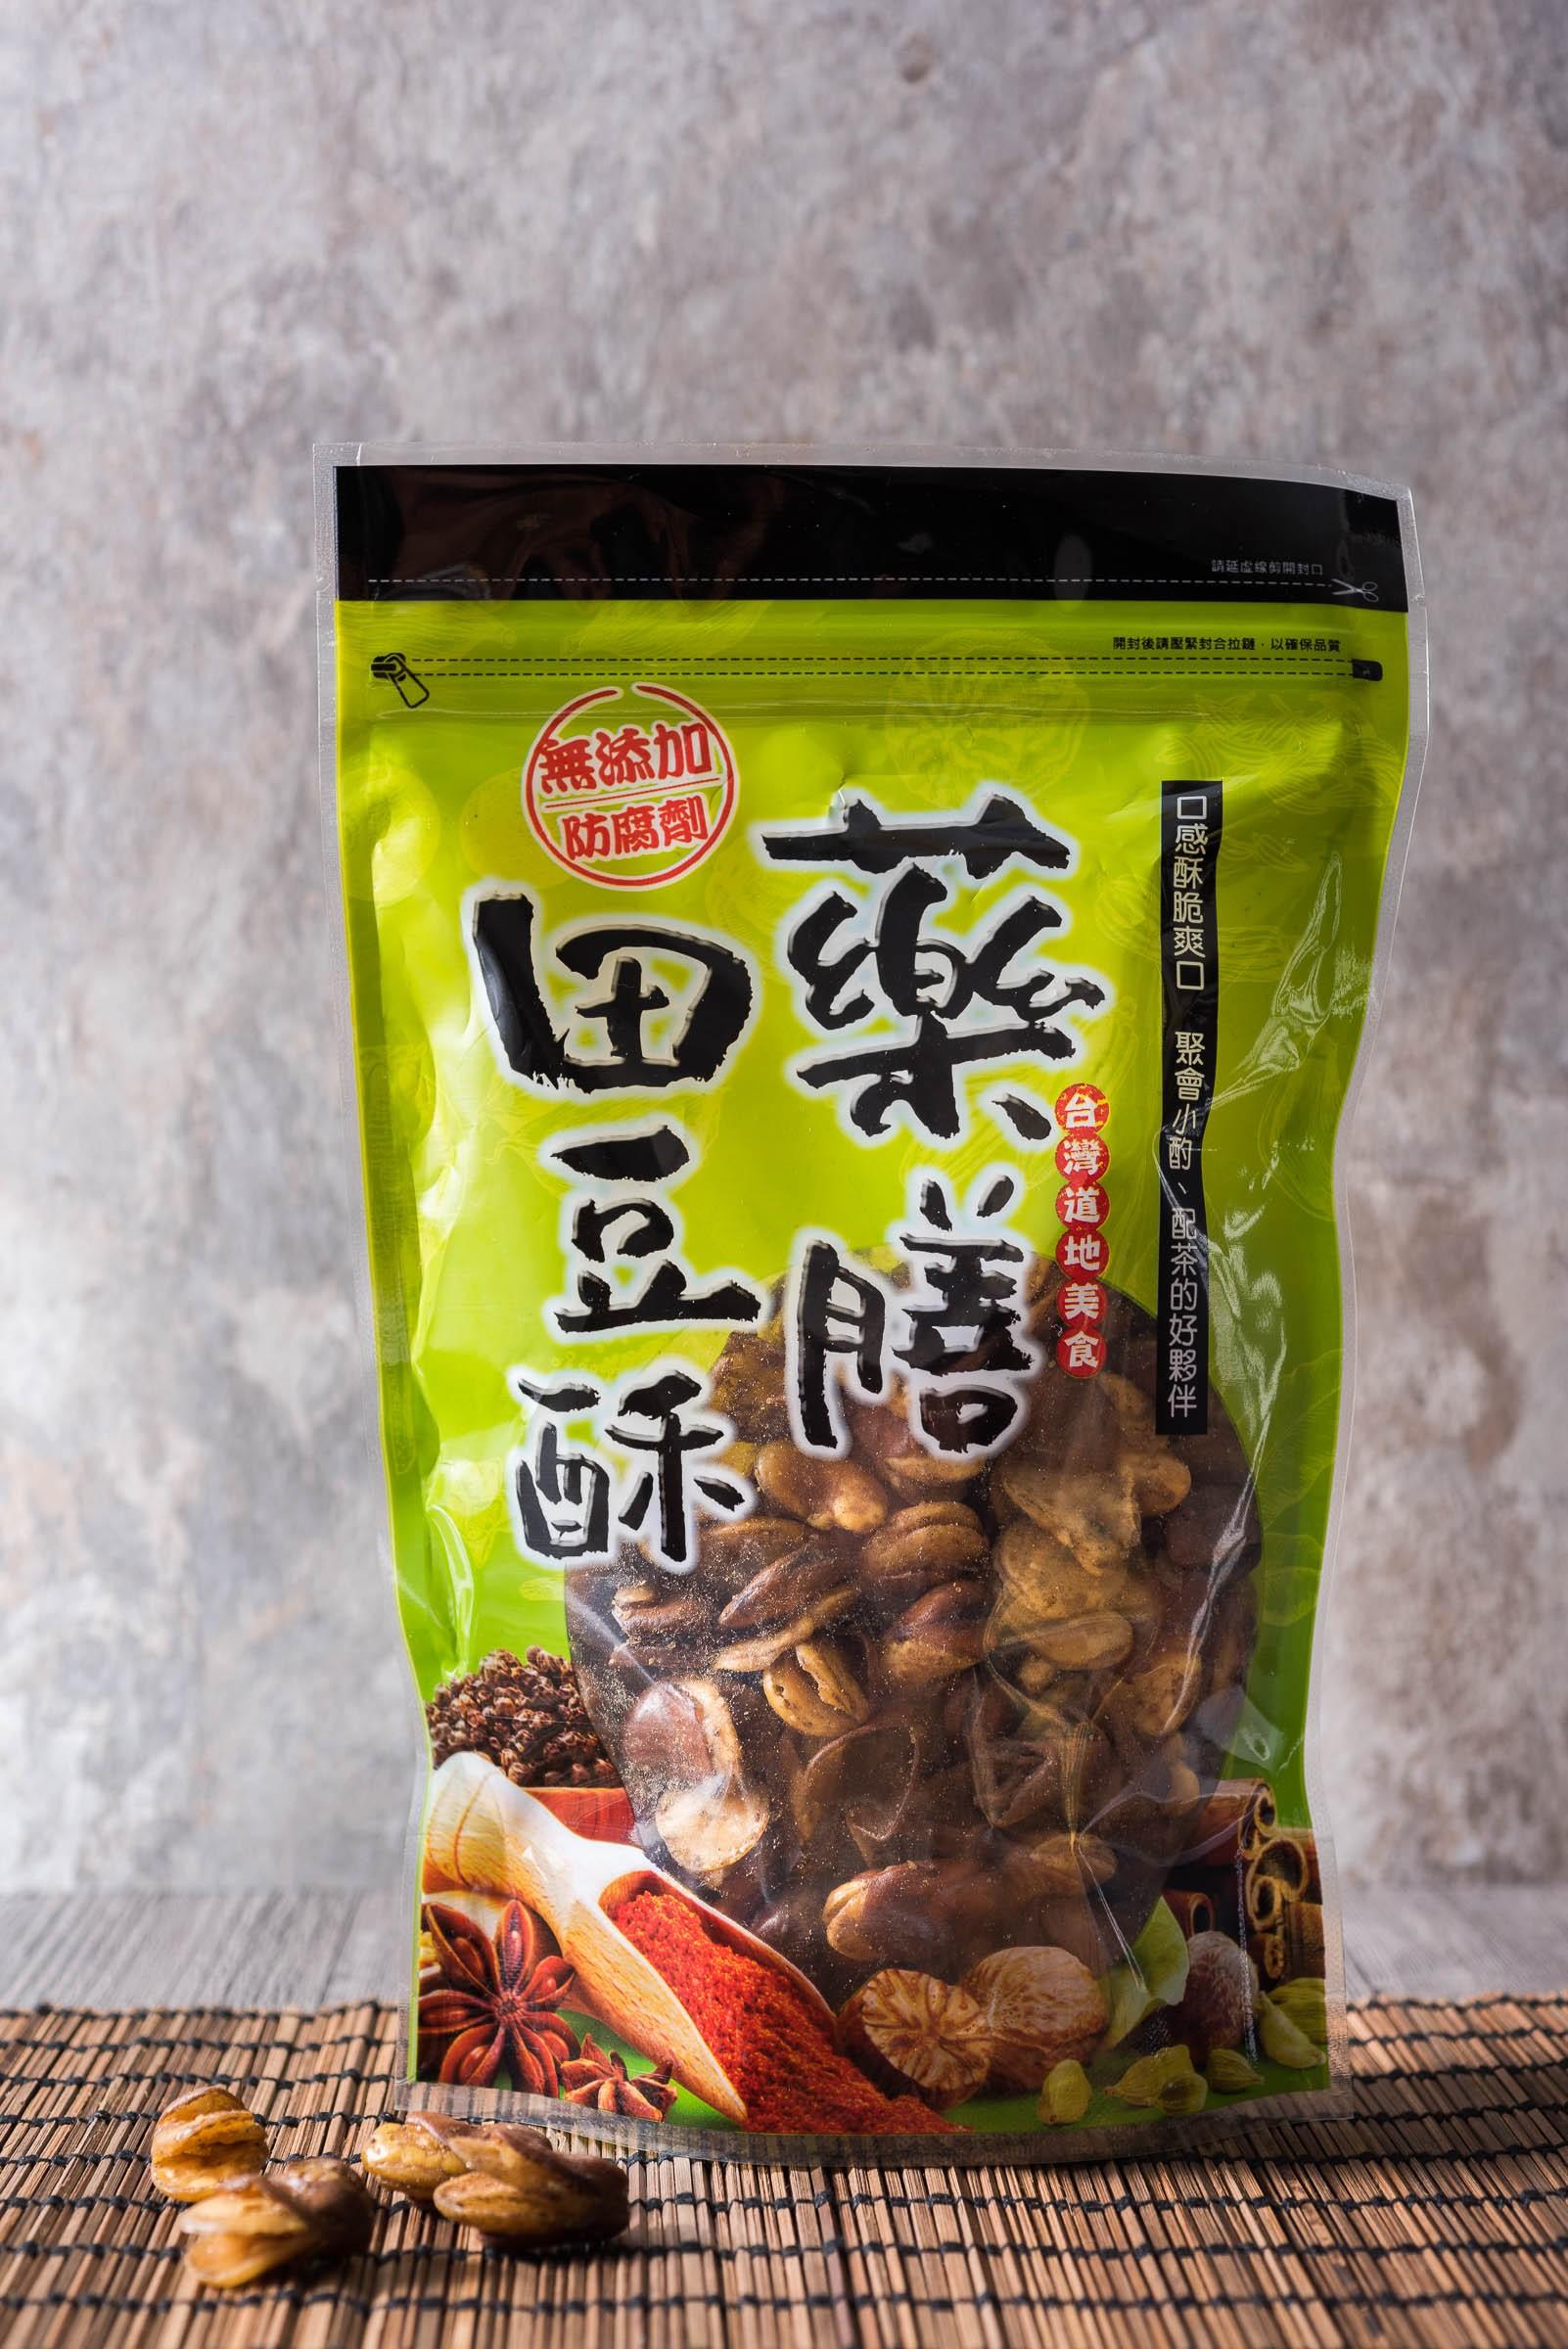 【小資免運費專區】藥膳田豆酥~10包1050元